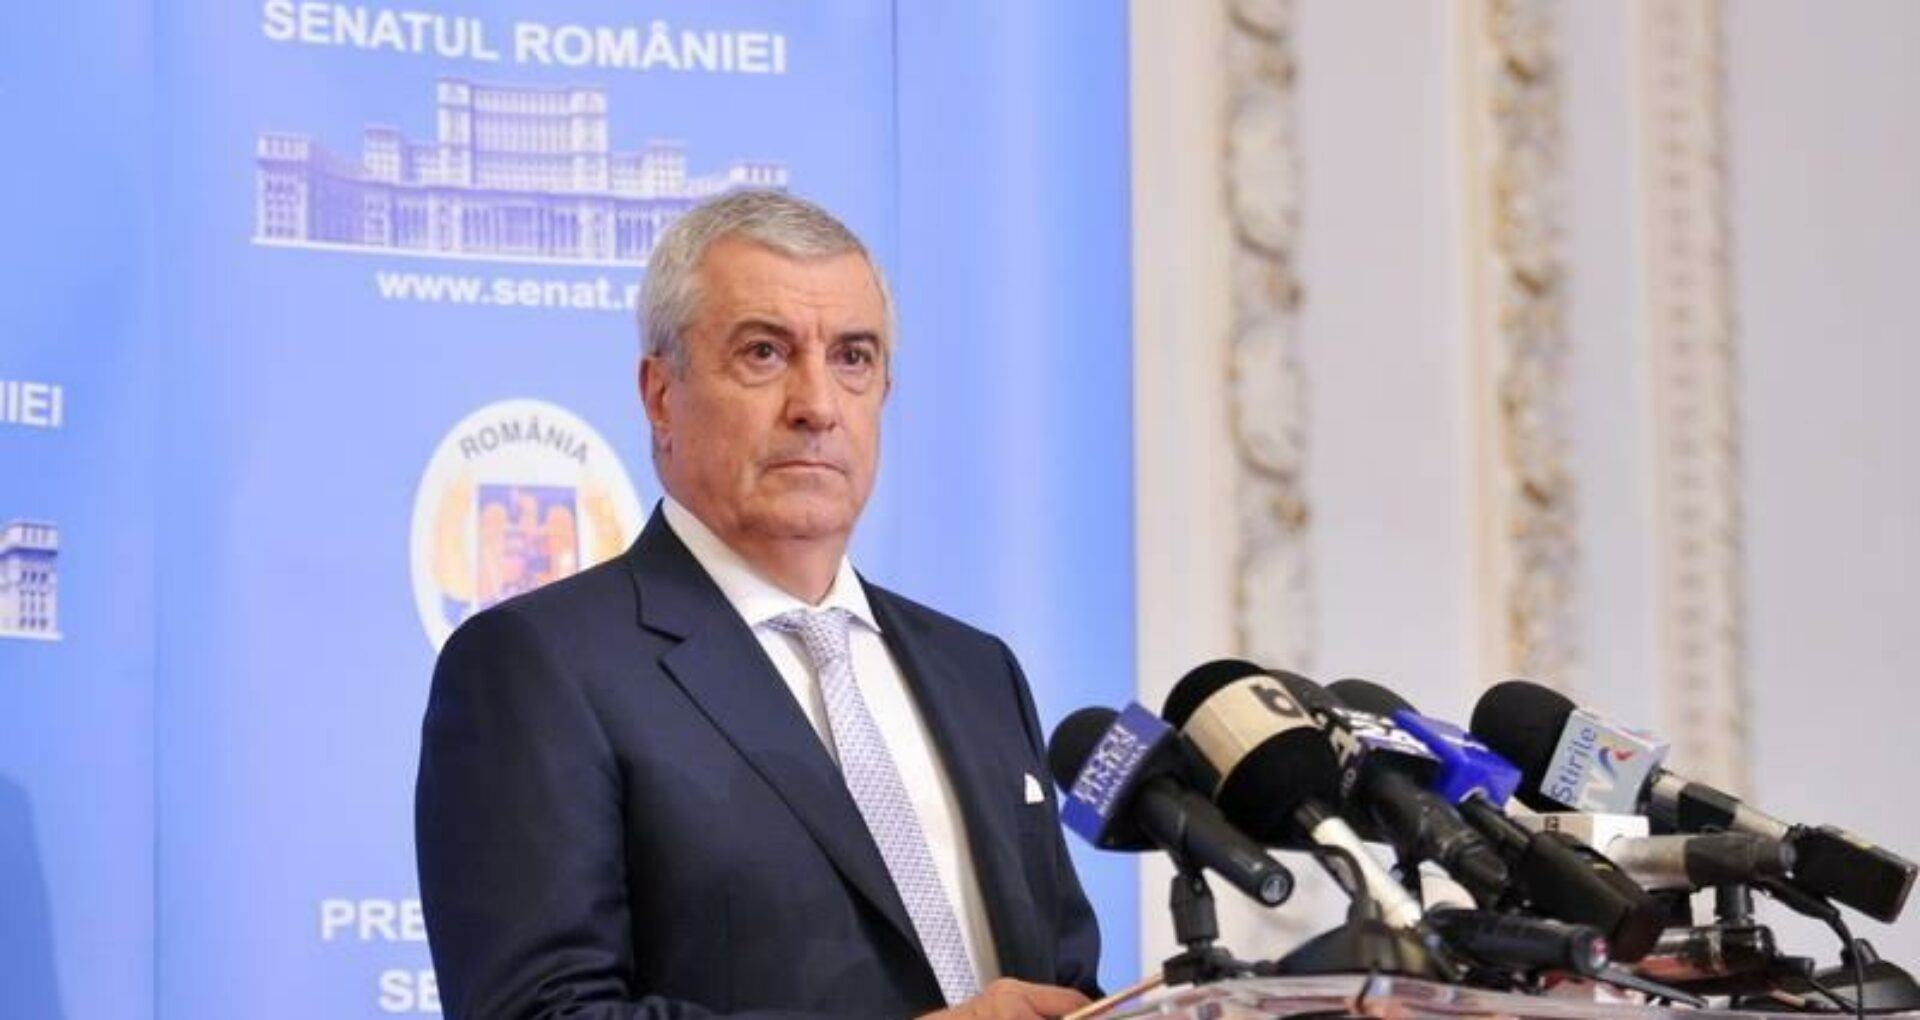 Președintele României a încuviințat urmărirea penală a lui Călin Popescu Tăriceanu, acuzat de DNA că ar fi primit 800.000$ mită când era premier